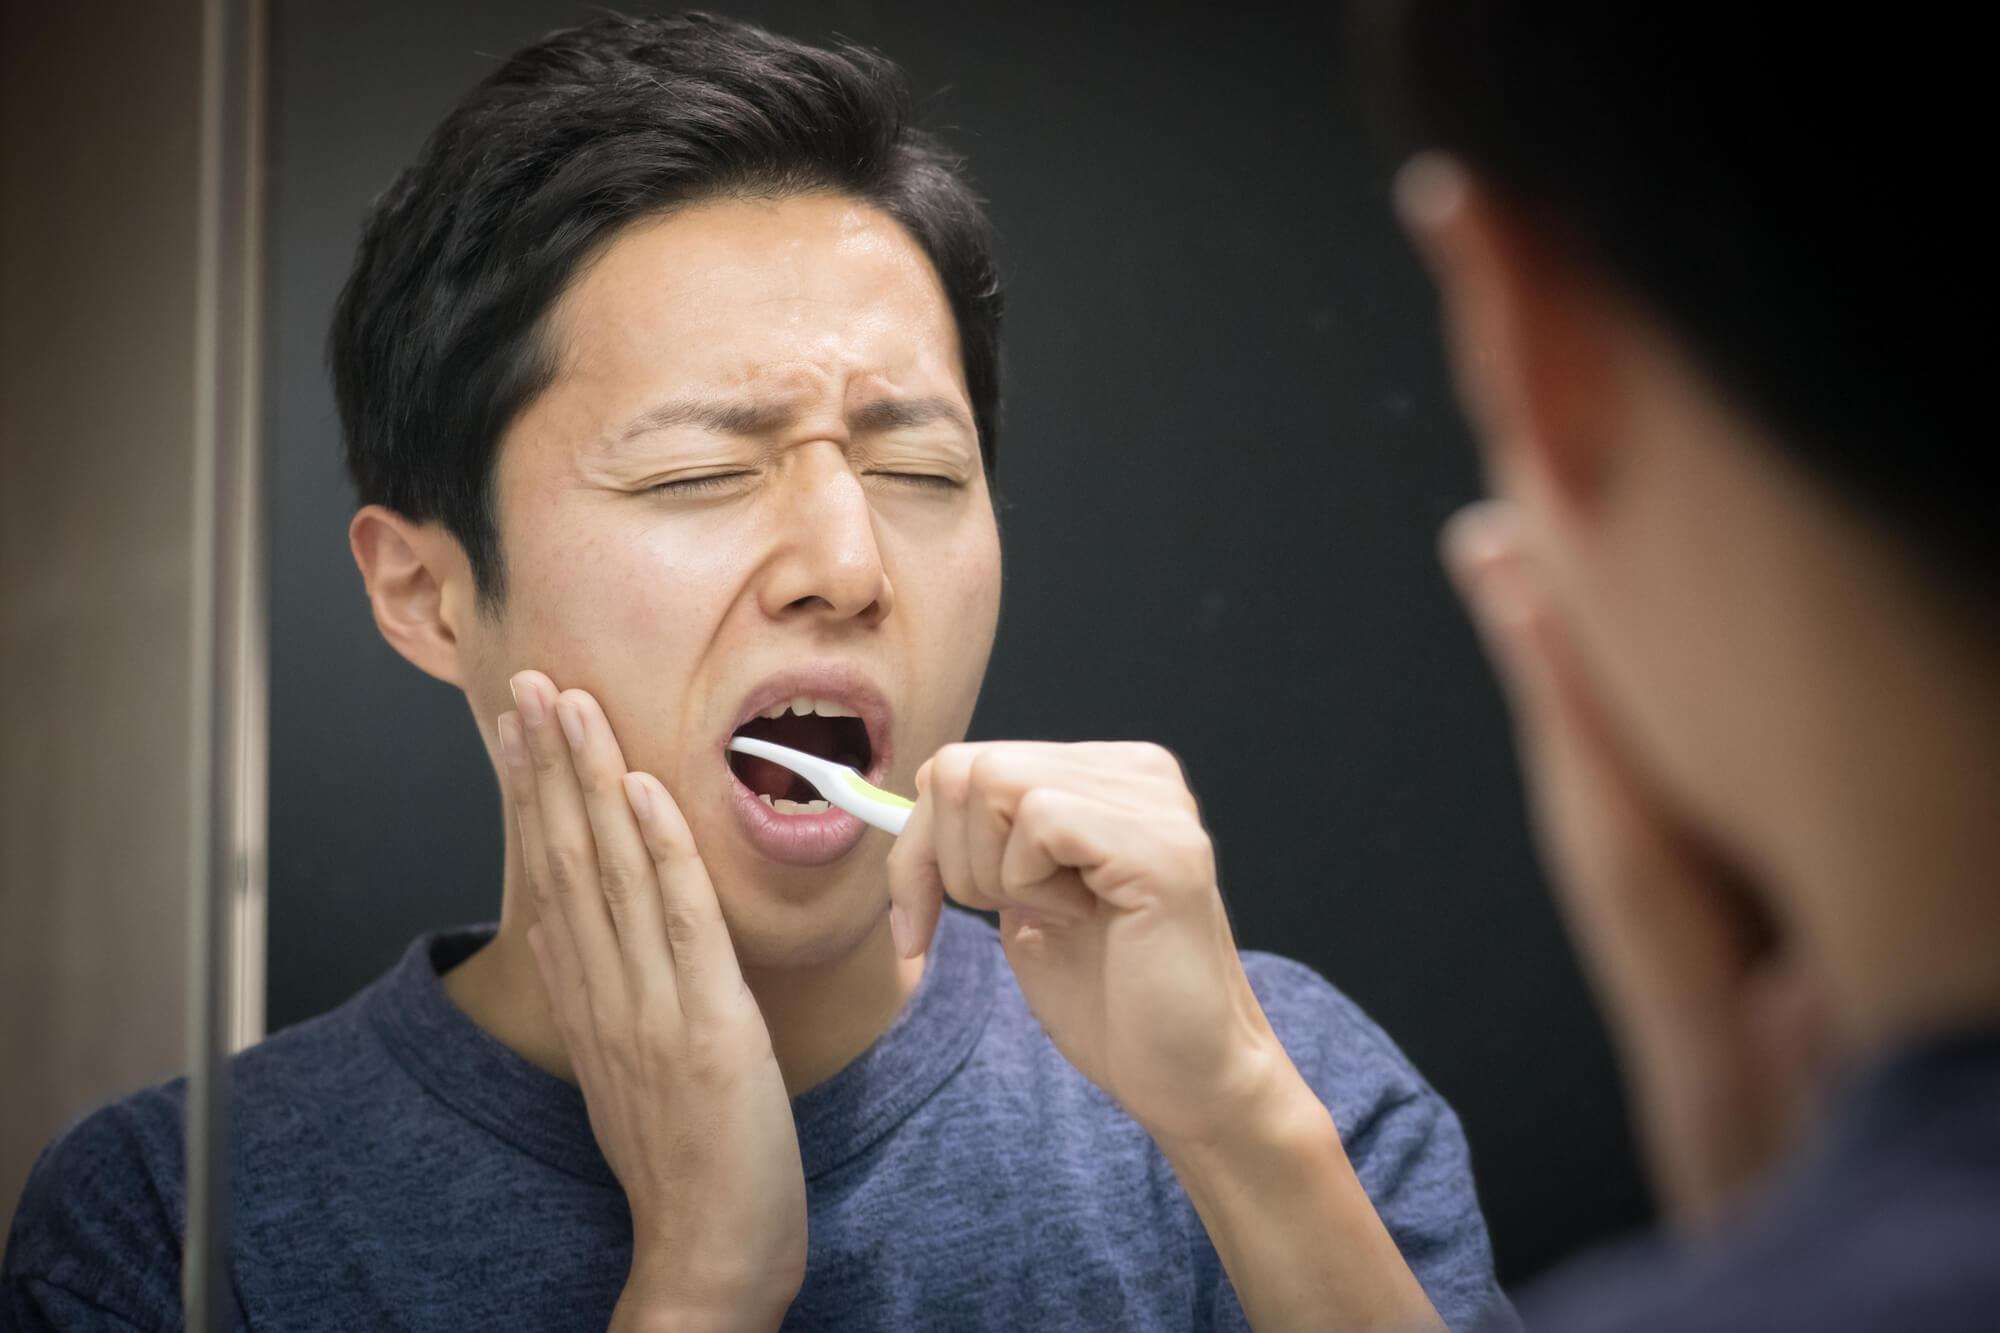 口の中が痛い男性